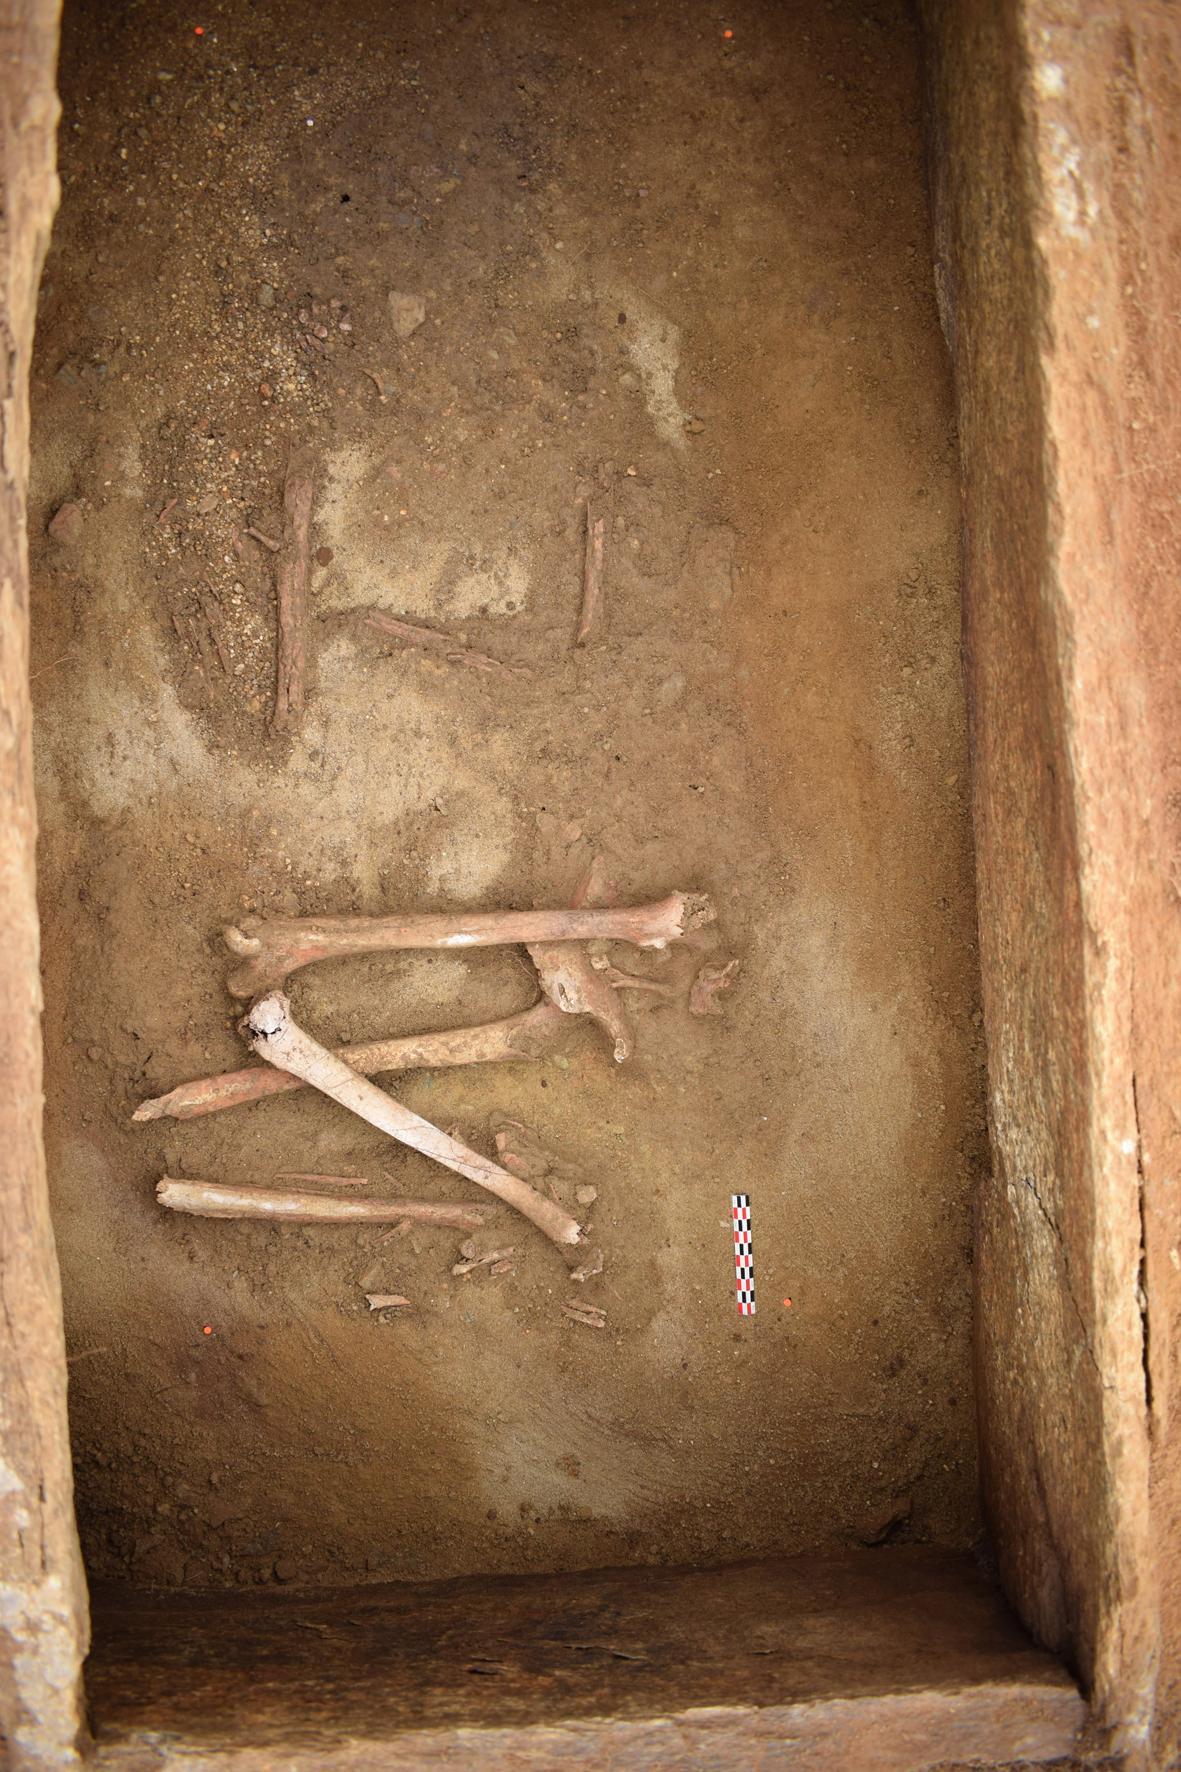 Во Франции археологи обнаружили древний некрополь, которому более 4 тысяч лет